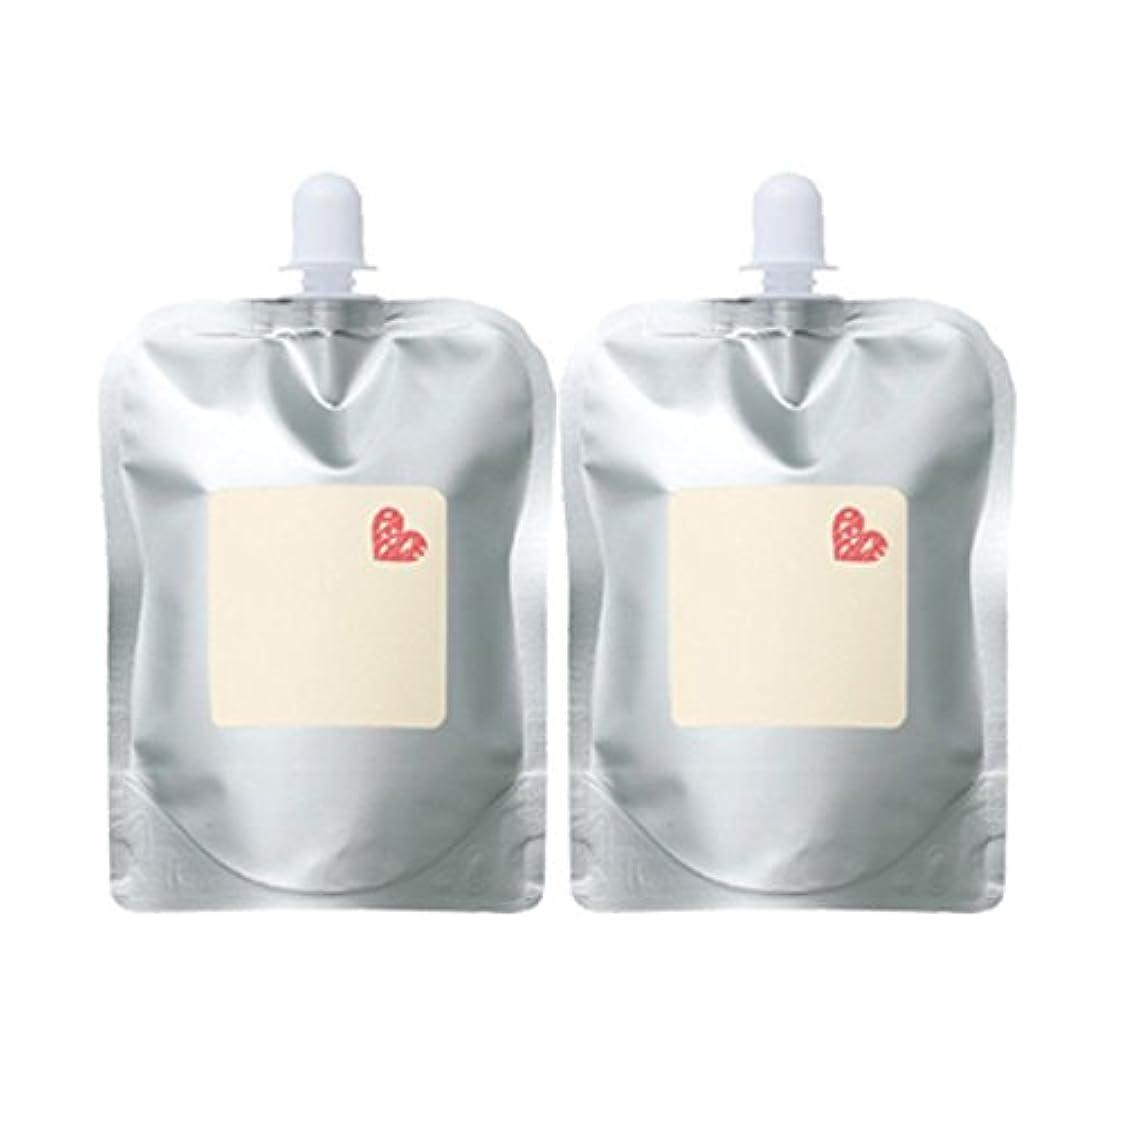 鋭くモードリン塩辛い【X2個セット】 アリミノ ピース ナチュラルウェーブ ホイップ 400g 詰替え用